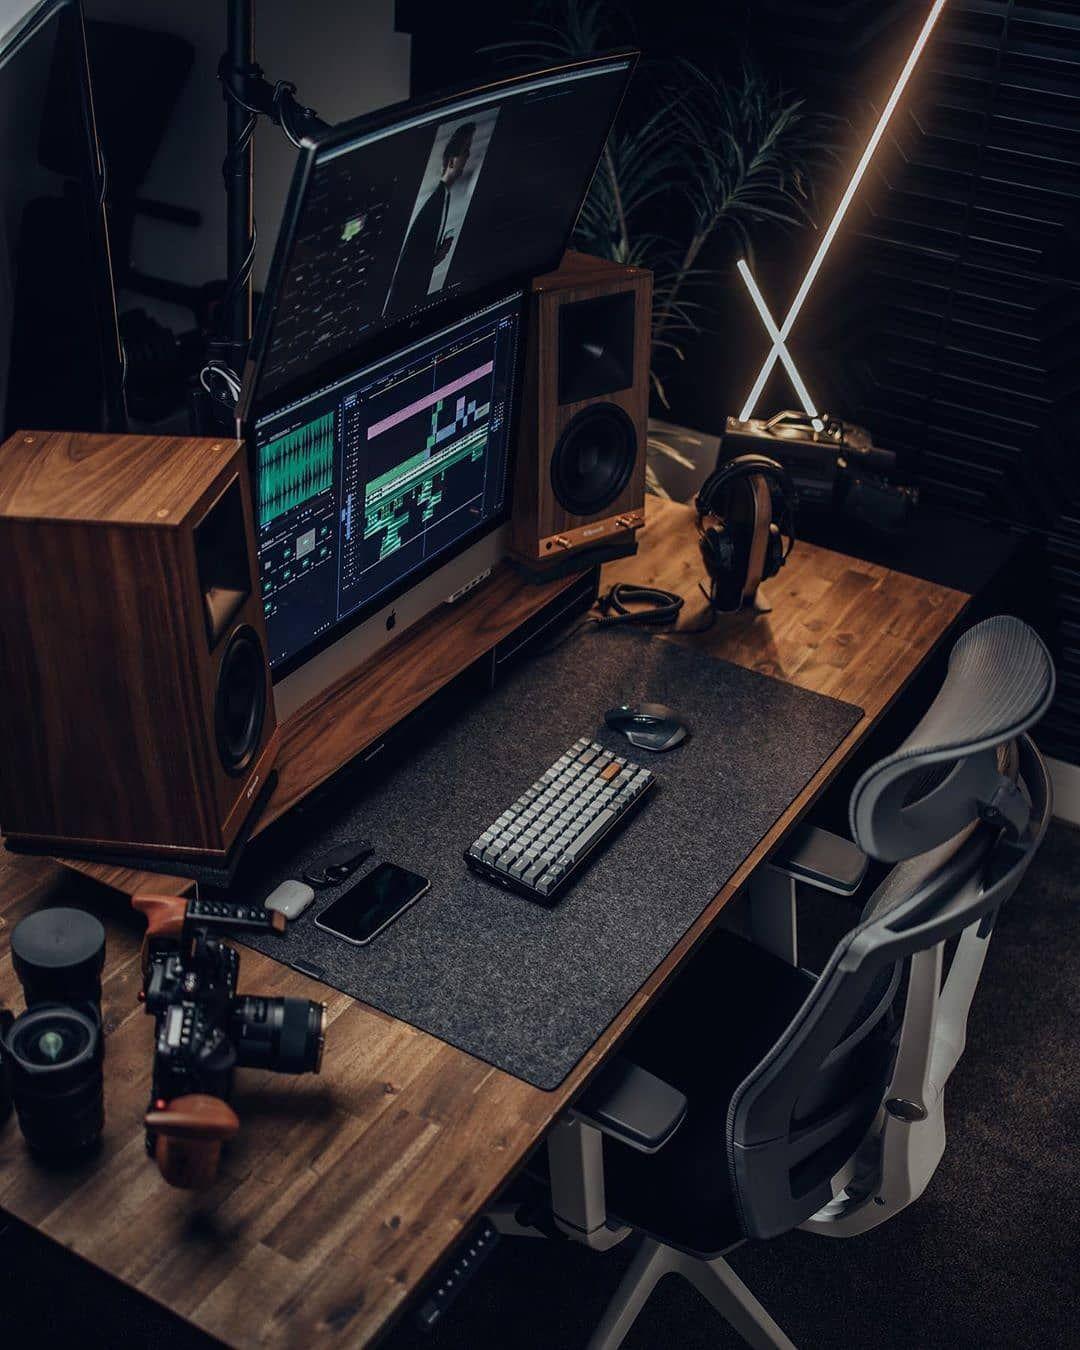 A felt desk pad really ties this setup together [Setups]